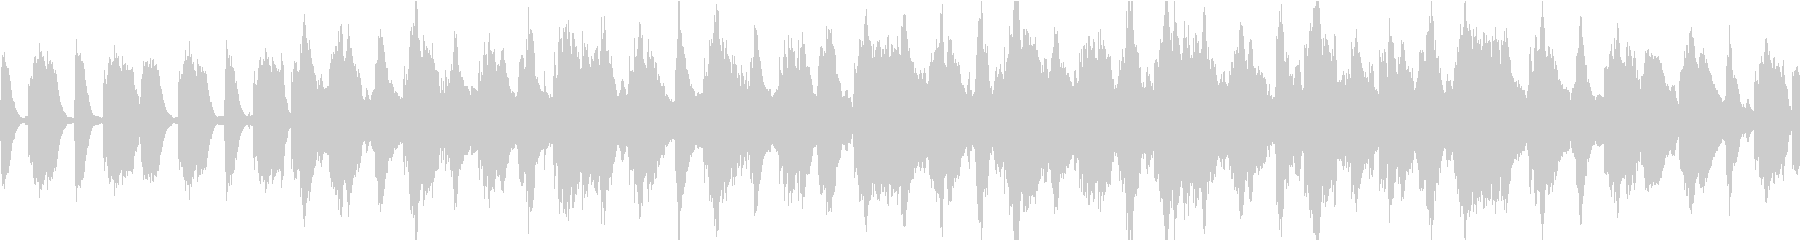 ふわふわシンセのOP、チュートリアル曲の未再生の波形